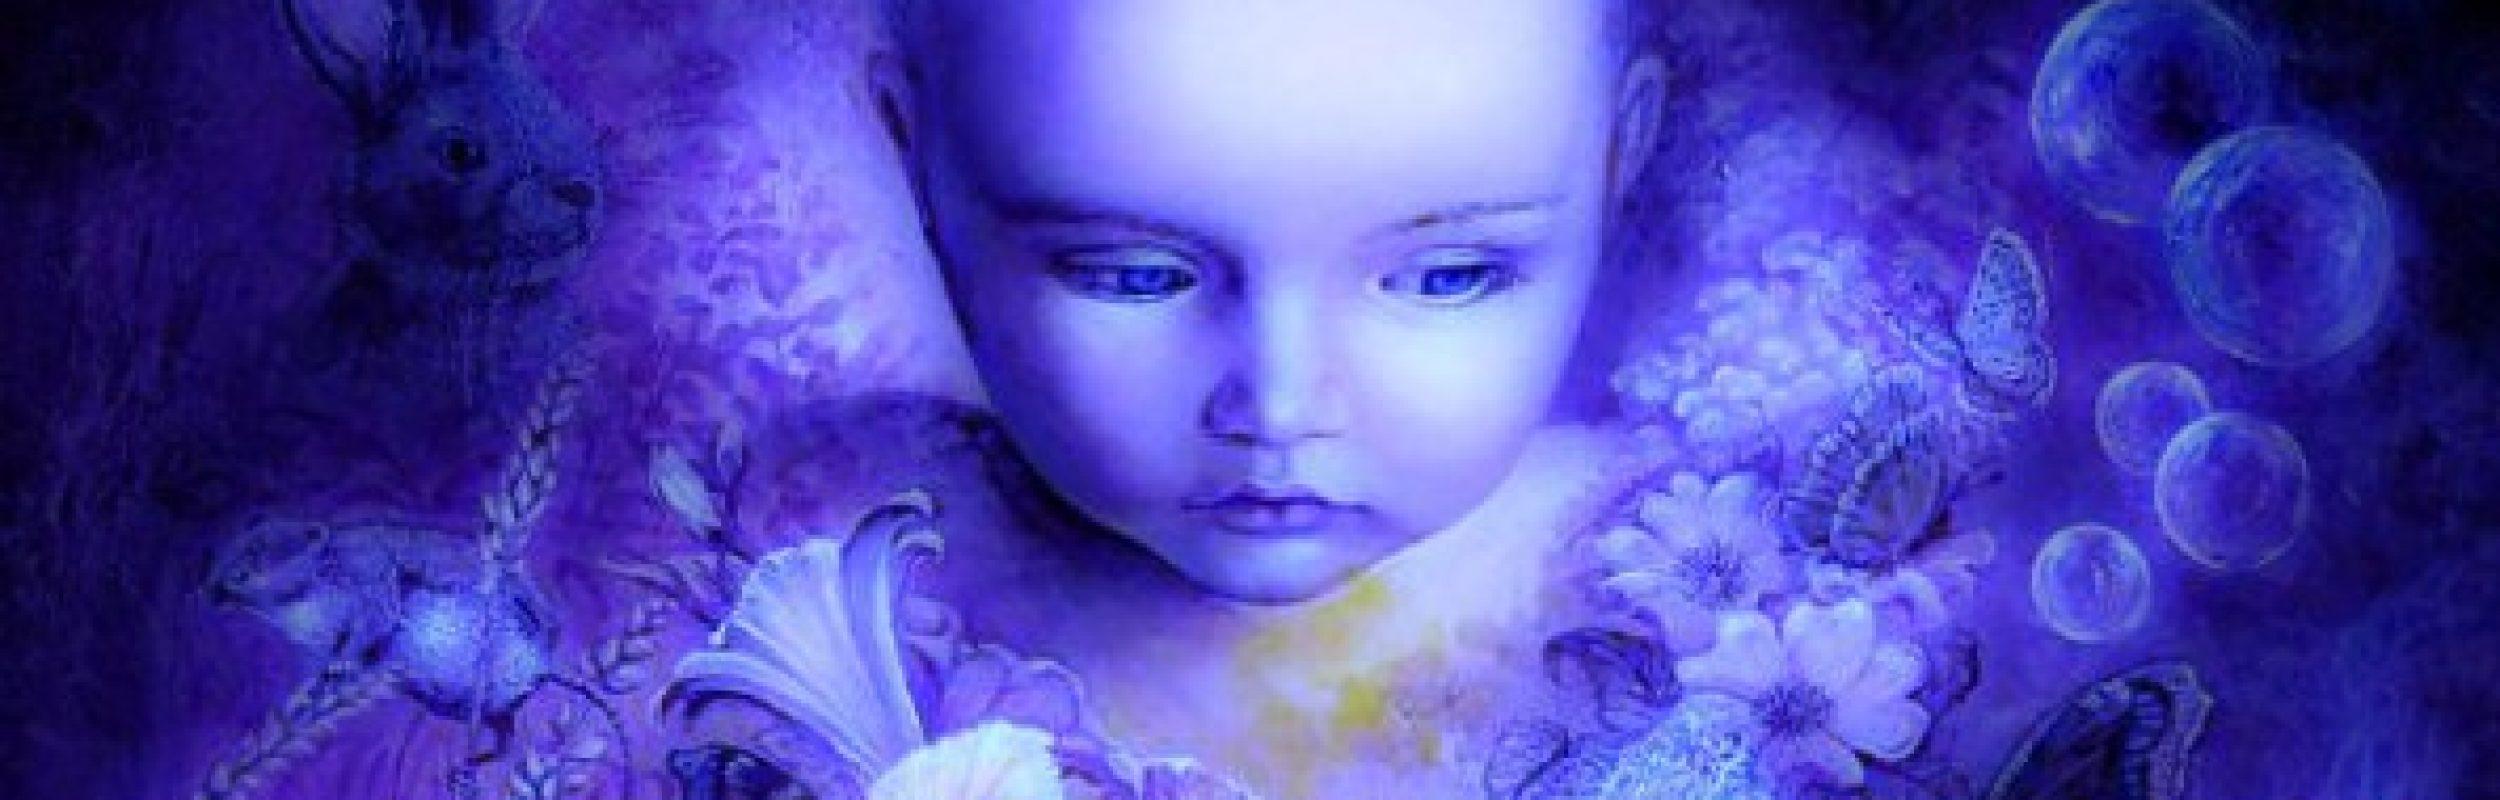 Niños indigo, cristal y arcoiris...¿qué se esconde detrás de estas ...